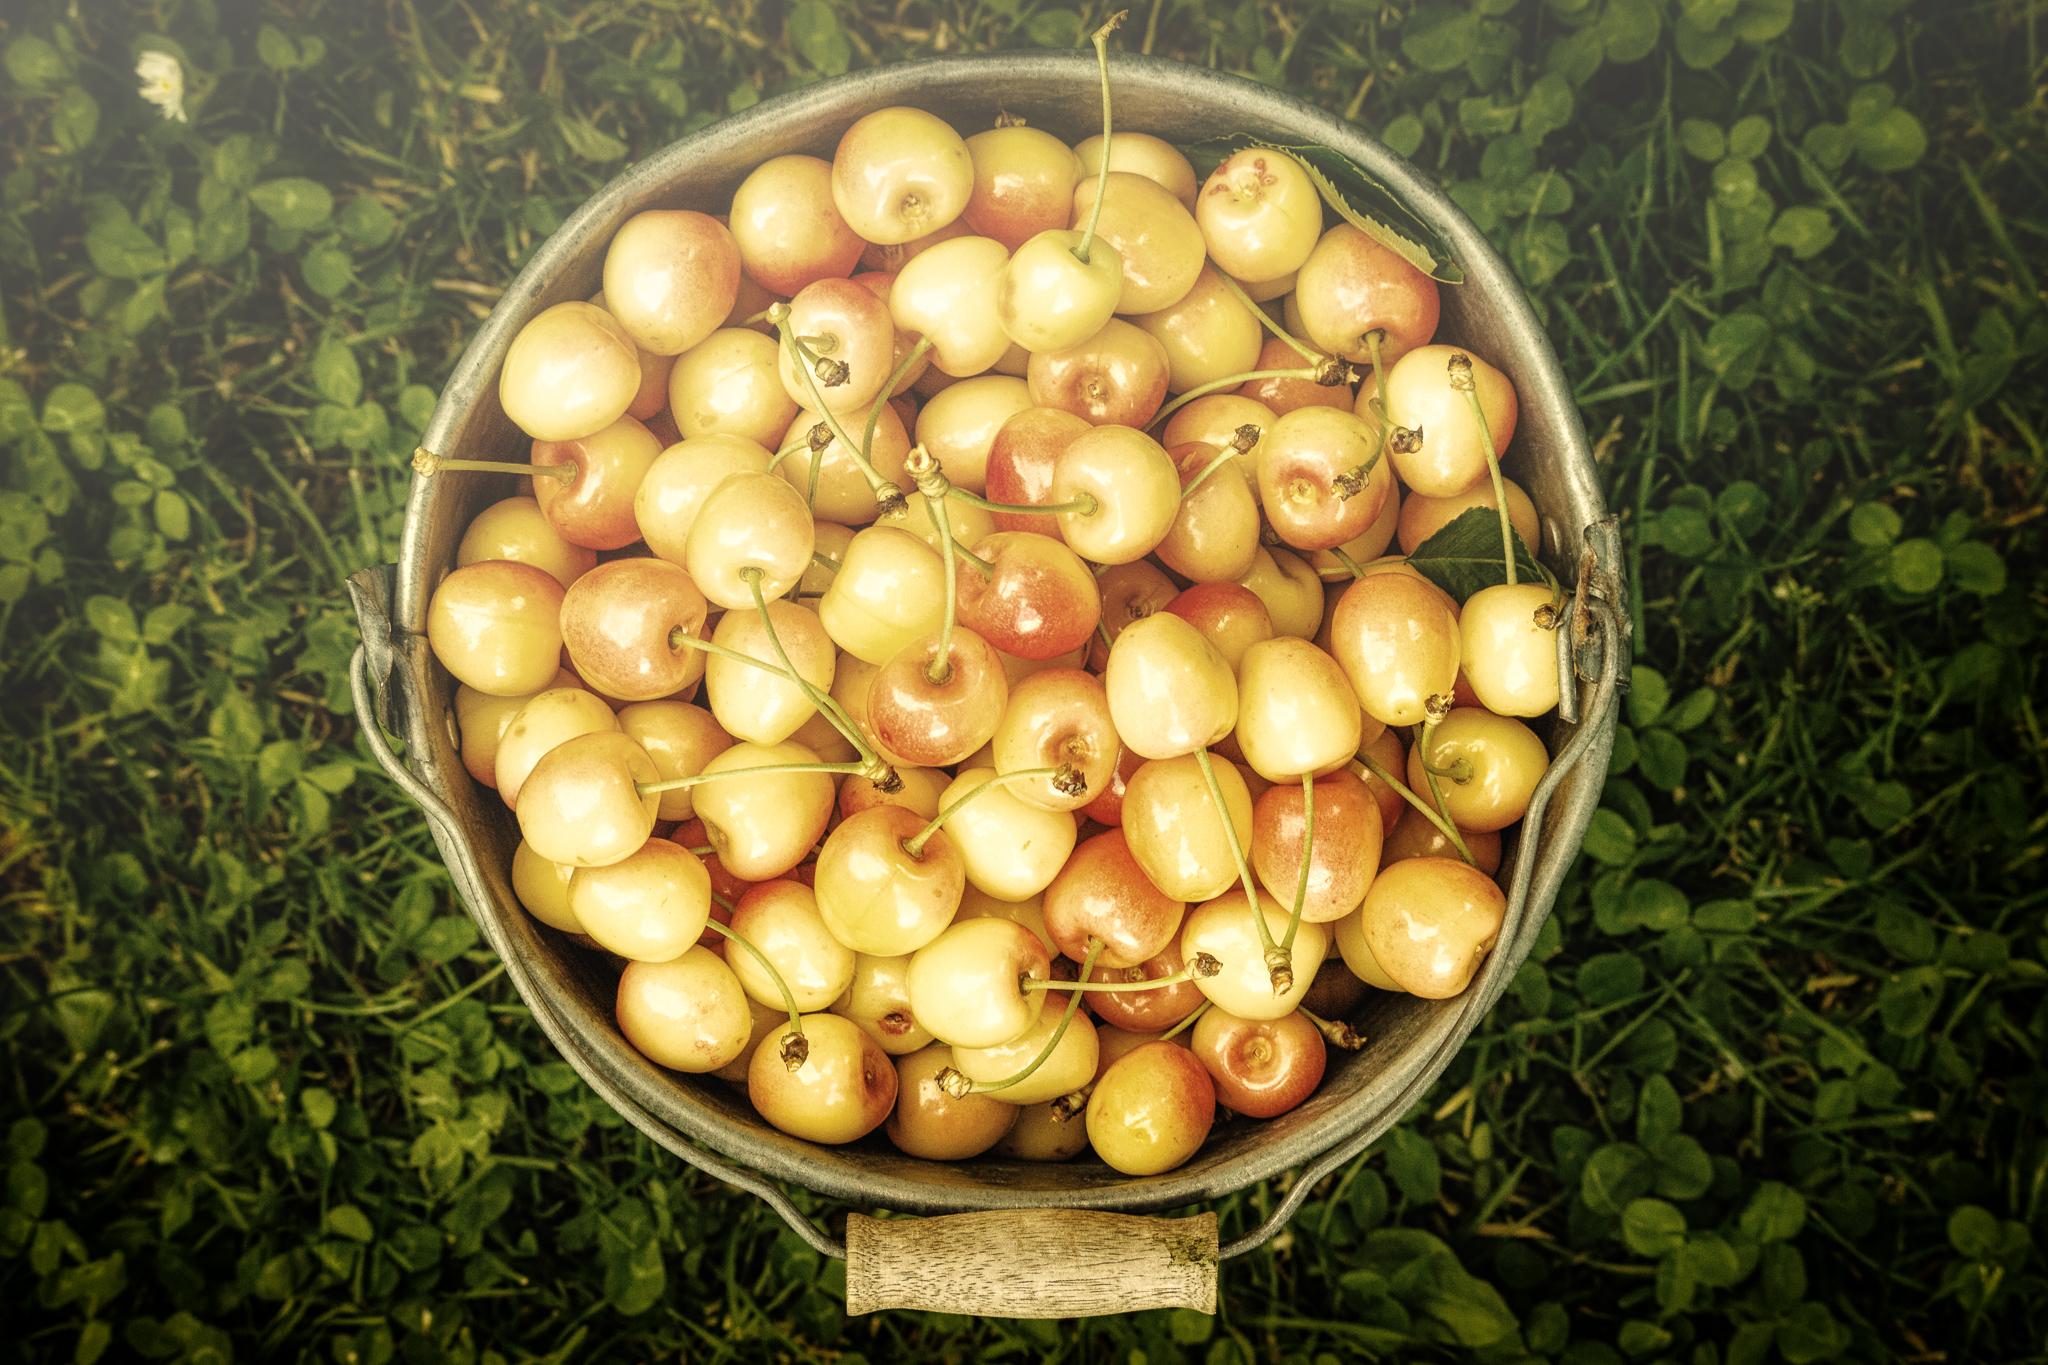 Ein Eimer voll Kirschen.